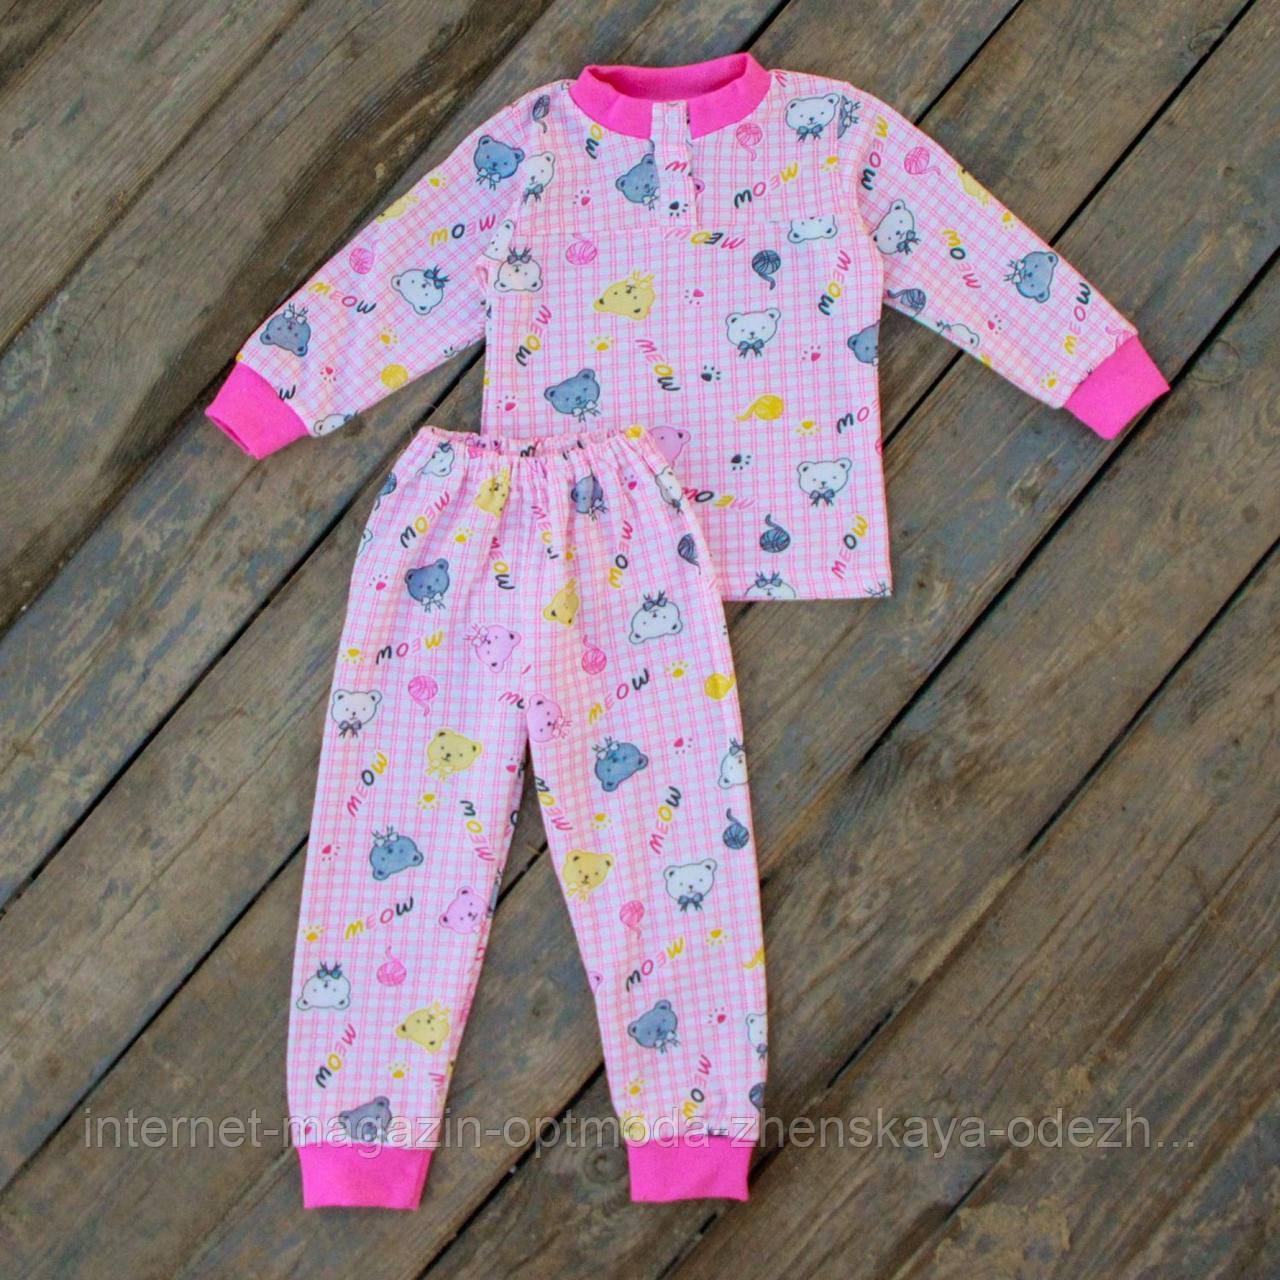 Нежная уютная детская пижама для девочки с нежным принтом, удобная детская одежда для сна